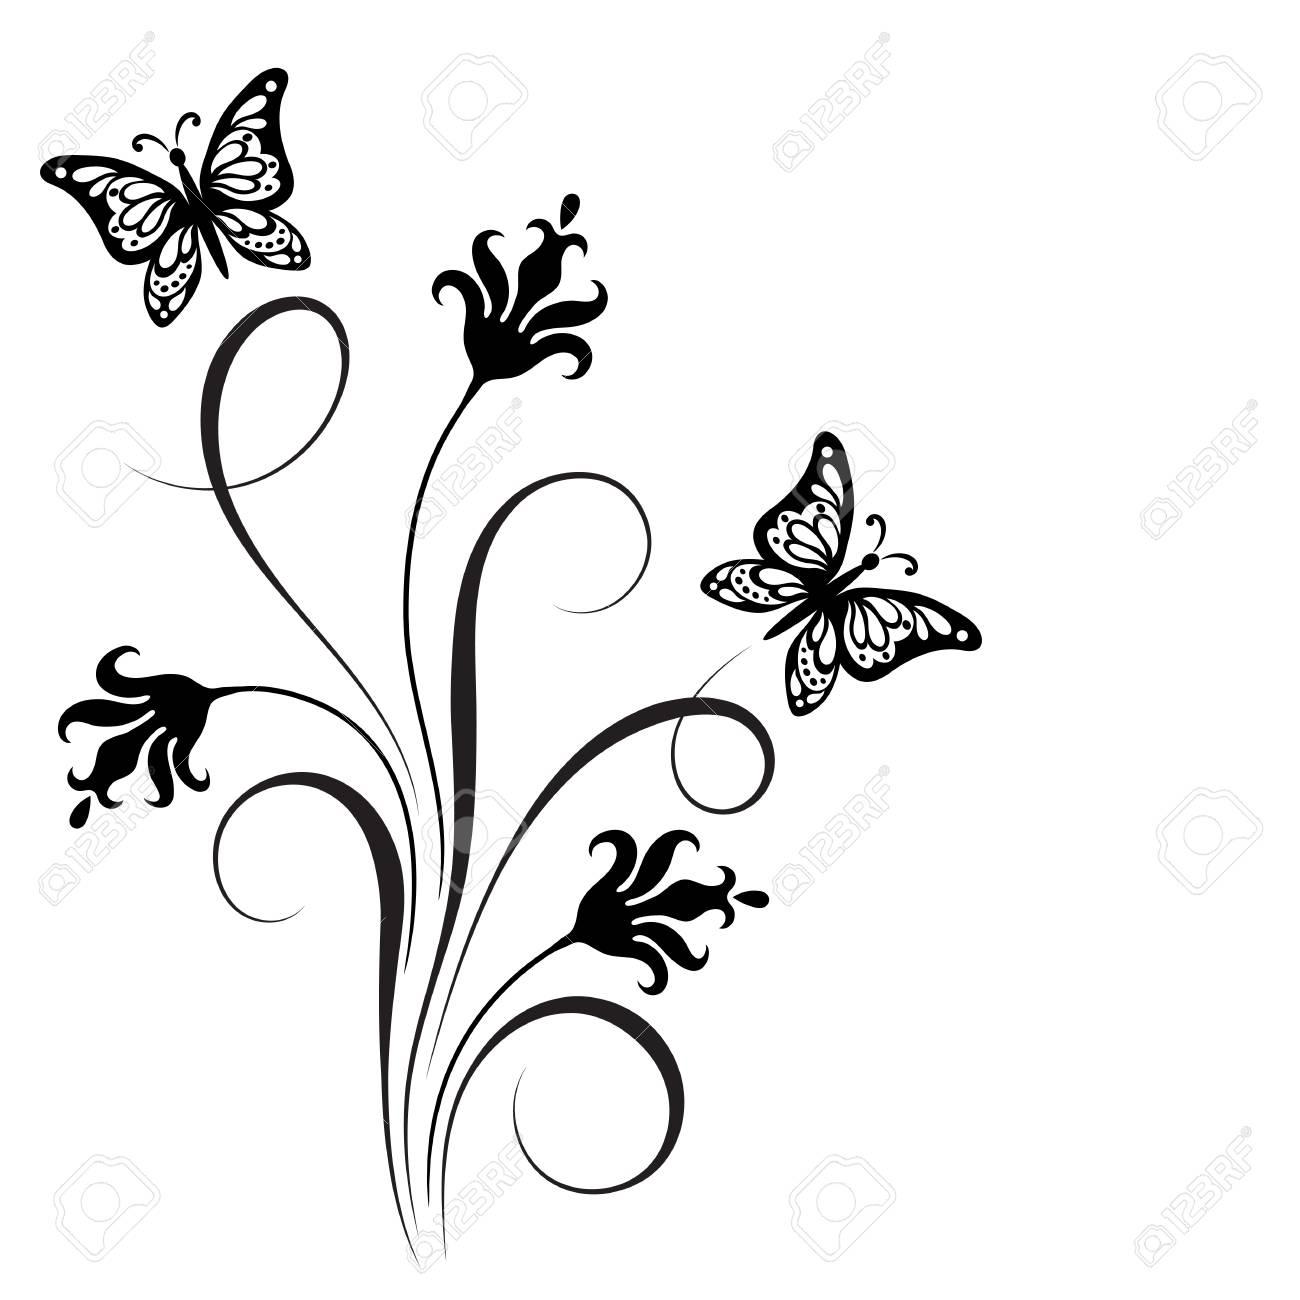 Dekorative Blumeneckverzierung Mit Blumen Und Schmetterling Für ...